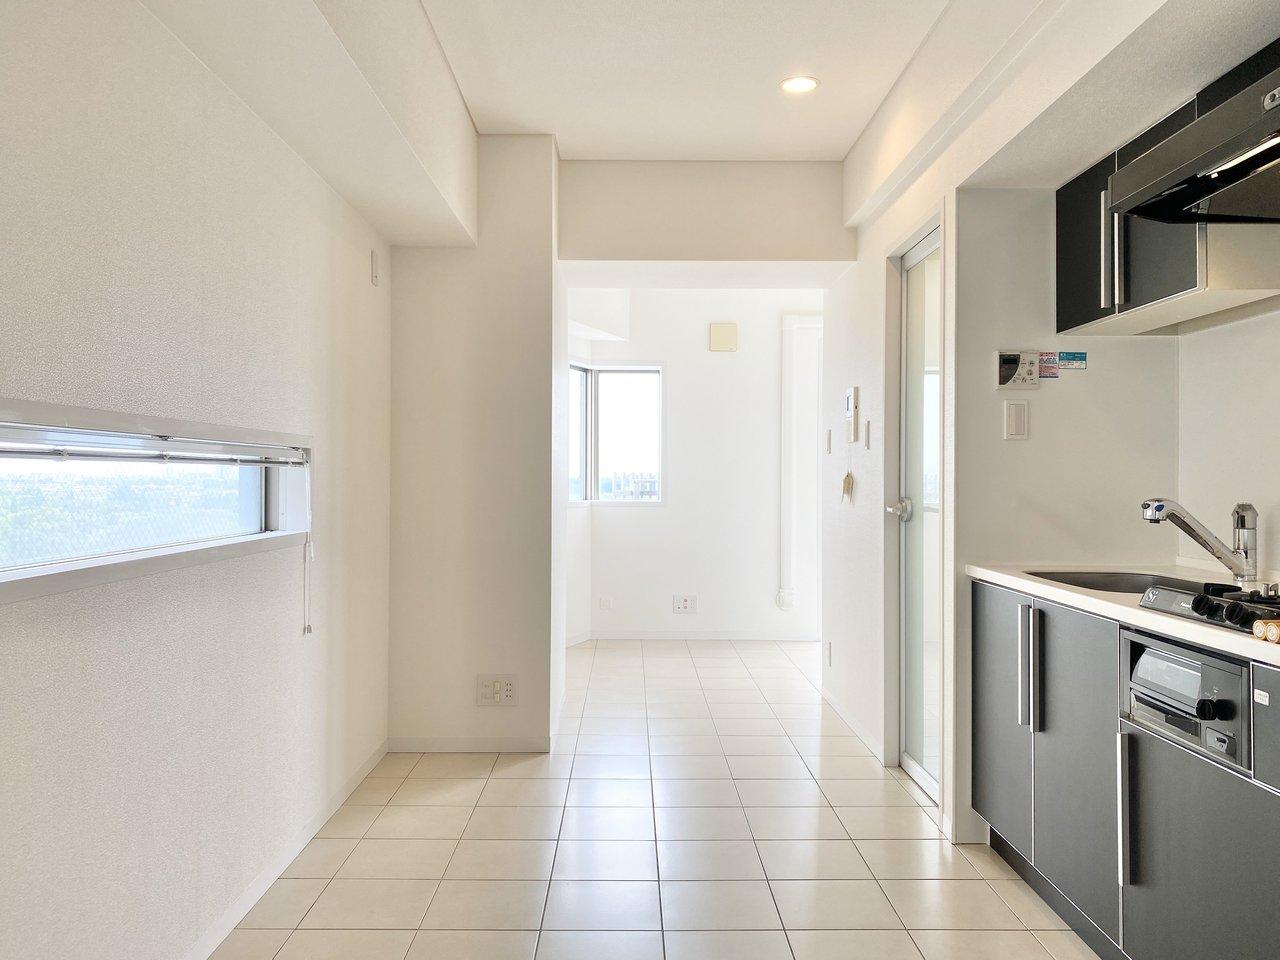 吉祥寺駅から徒歩3分という、ナイスな立地にあるワンルーム物件。床や壁が白で統一された、清潔感のあるお部屋です。